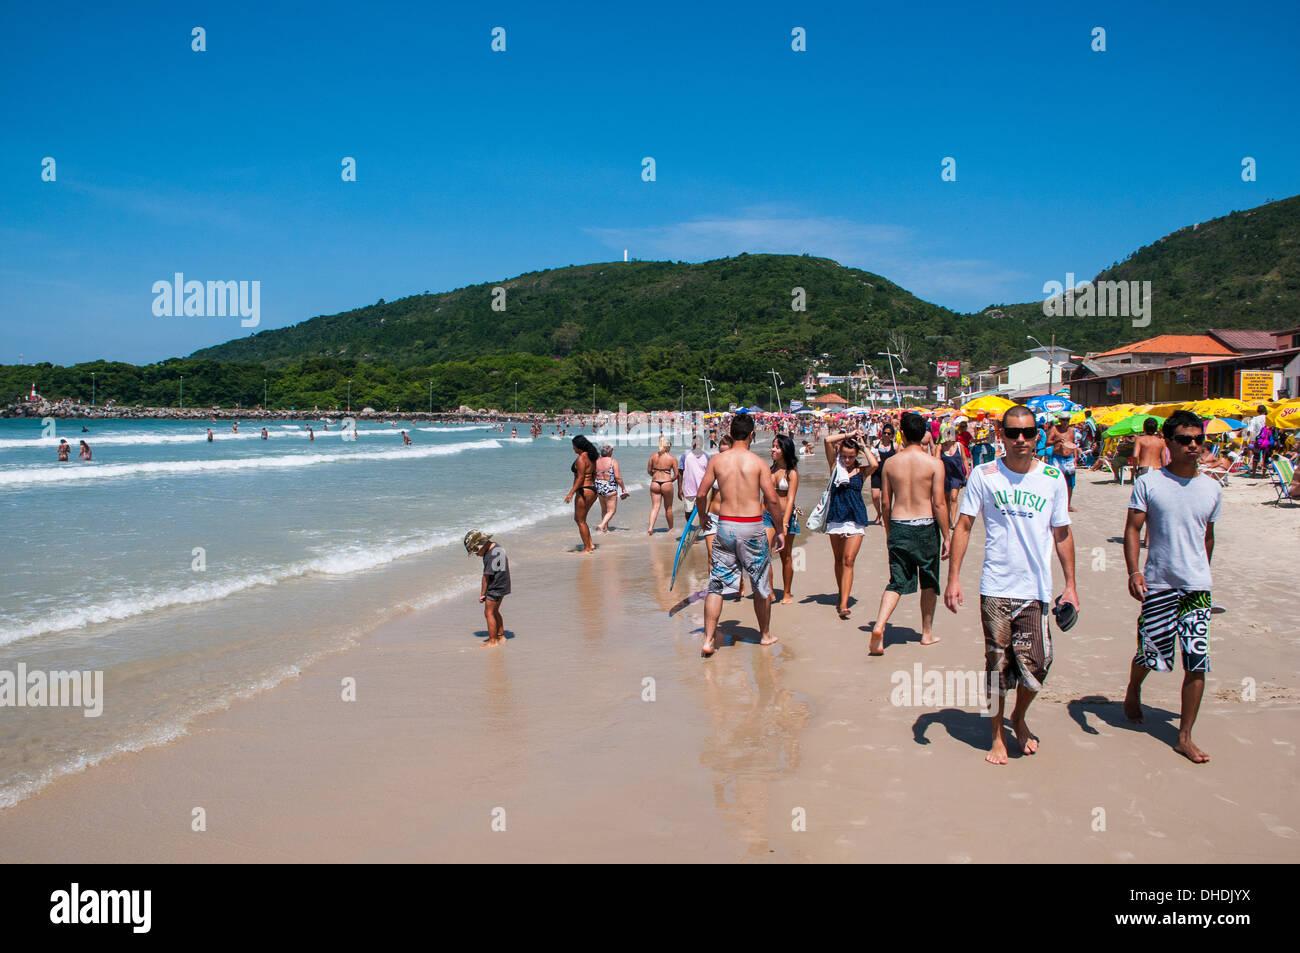 Very busy beach on Ilha Catarina (Santa Catarina Island), Santa Catarina State, Brazil - Stock Image